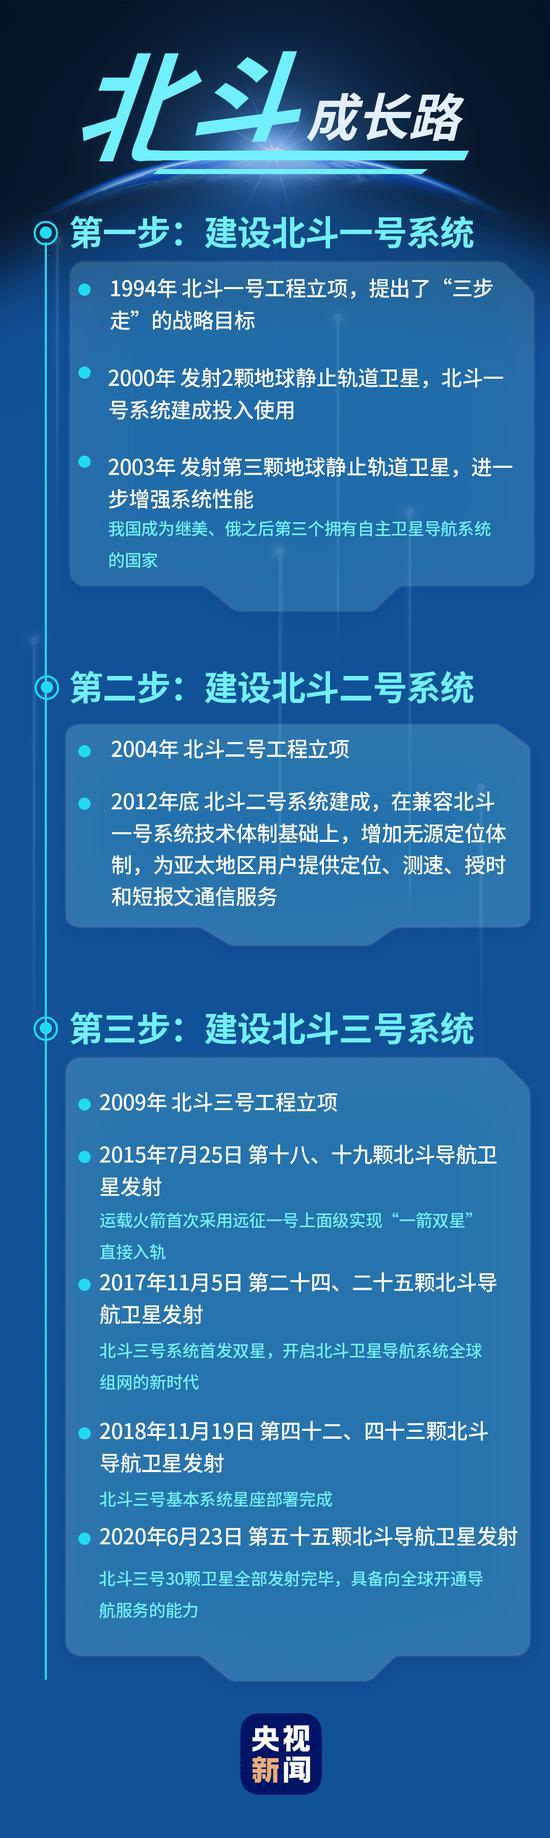 杏鑫招商:斗闪耀全球中杏鑫招商华勇于图片